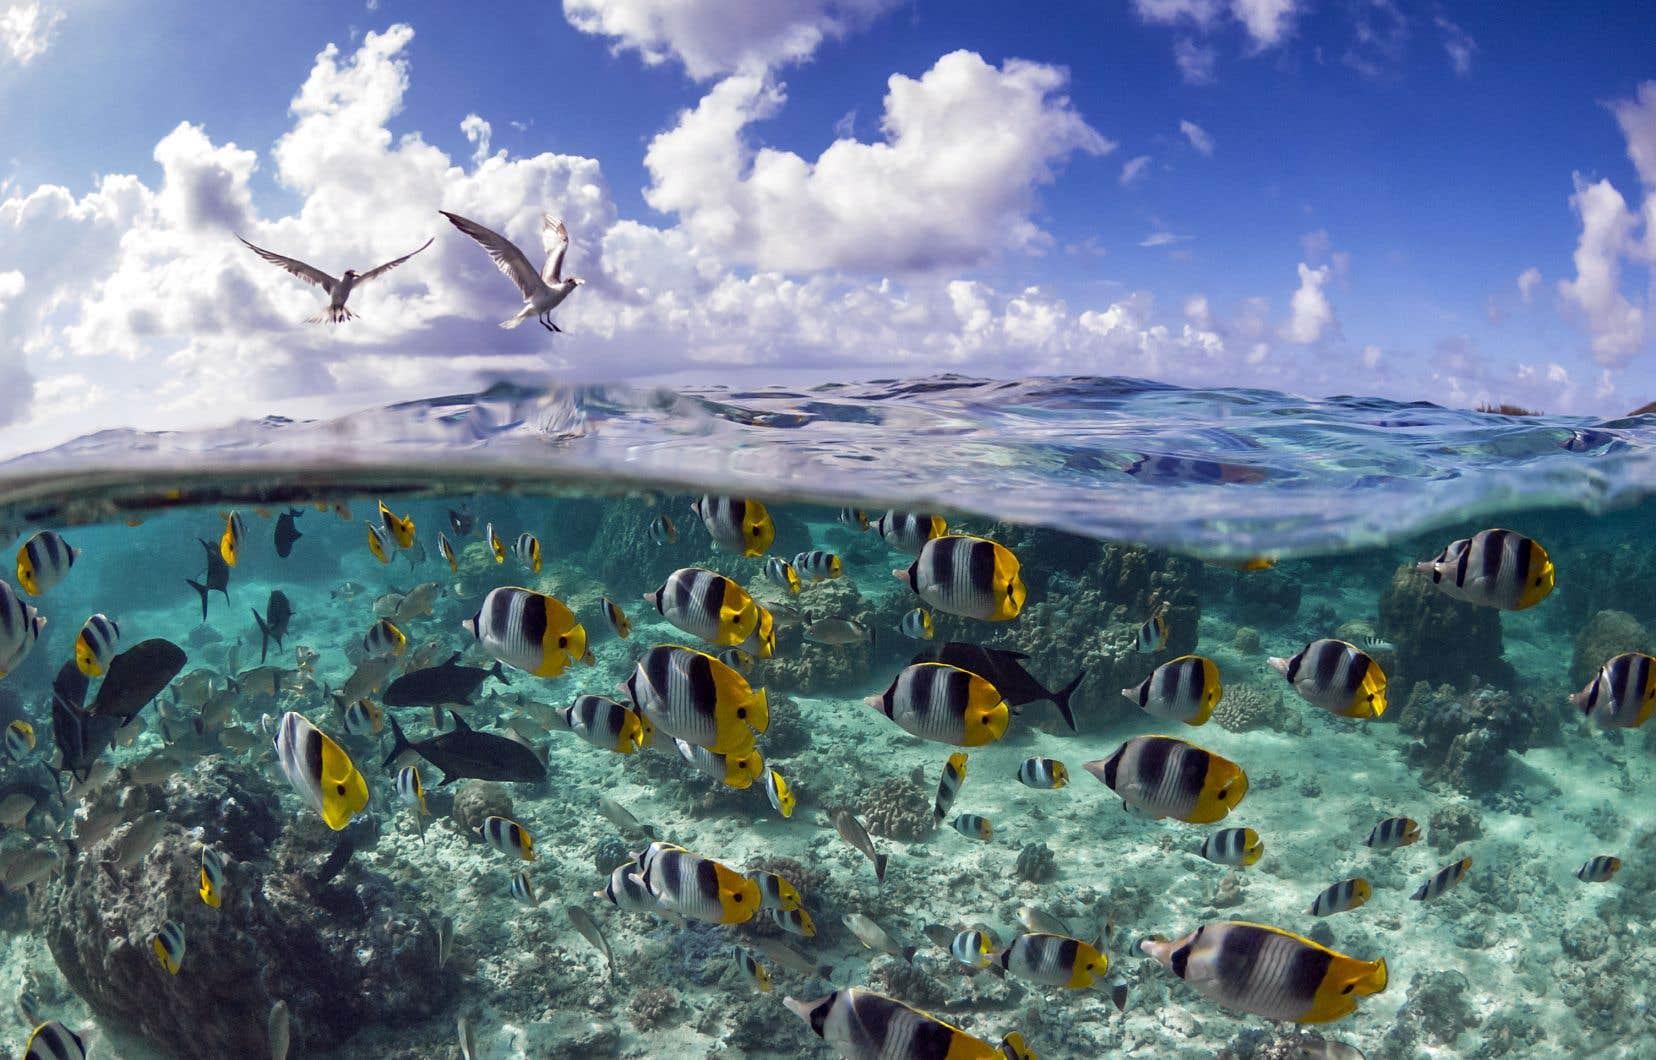 Essentiels à la vie sur Terre, les océans recouvrent environ 70% de la surface de la planète, dictent la météo, nourrissent des milliards de personnes, stockent 50fois plus de dioxyde de carbone que l'atmosphère et foisonnent d'espèces marines, dont certaines sont encore inconnues.